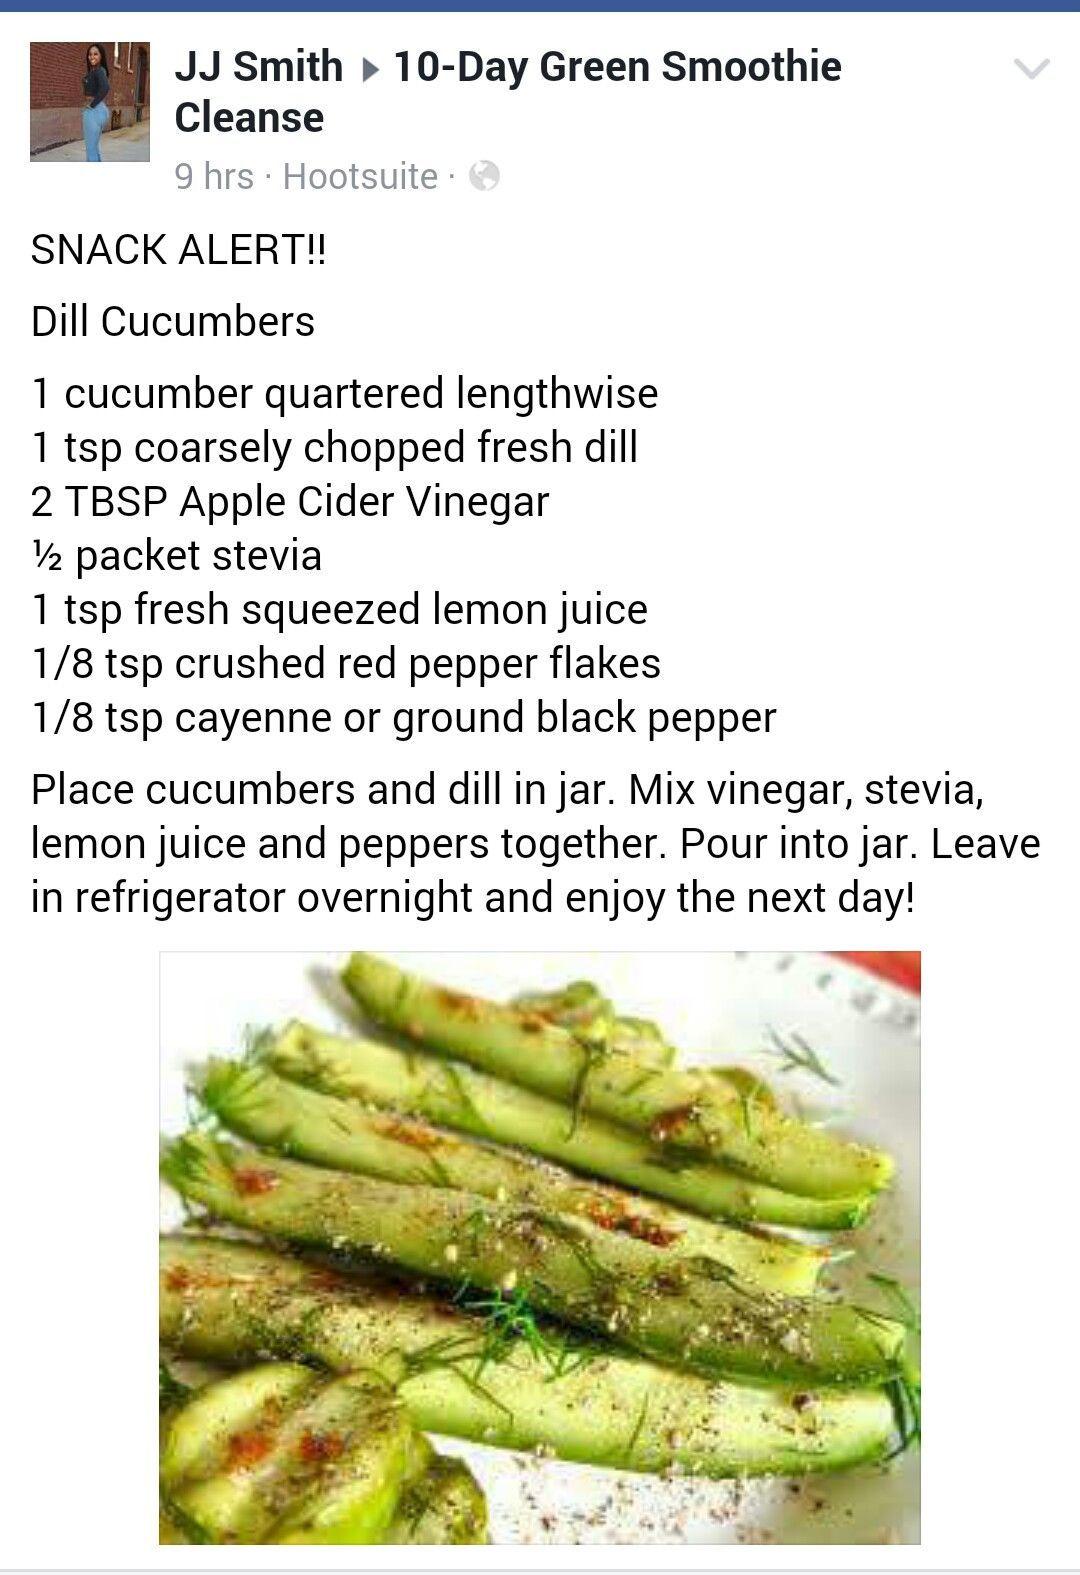 défi de régime de smoothie vert de 10 jours